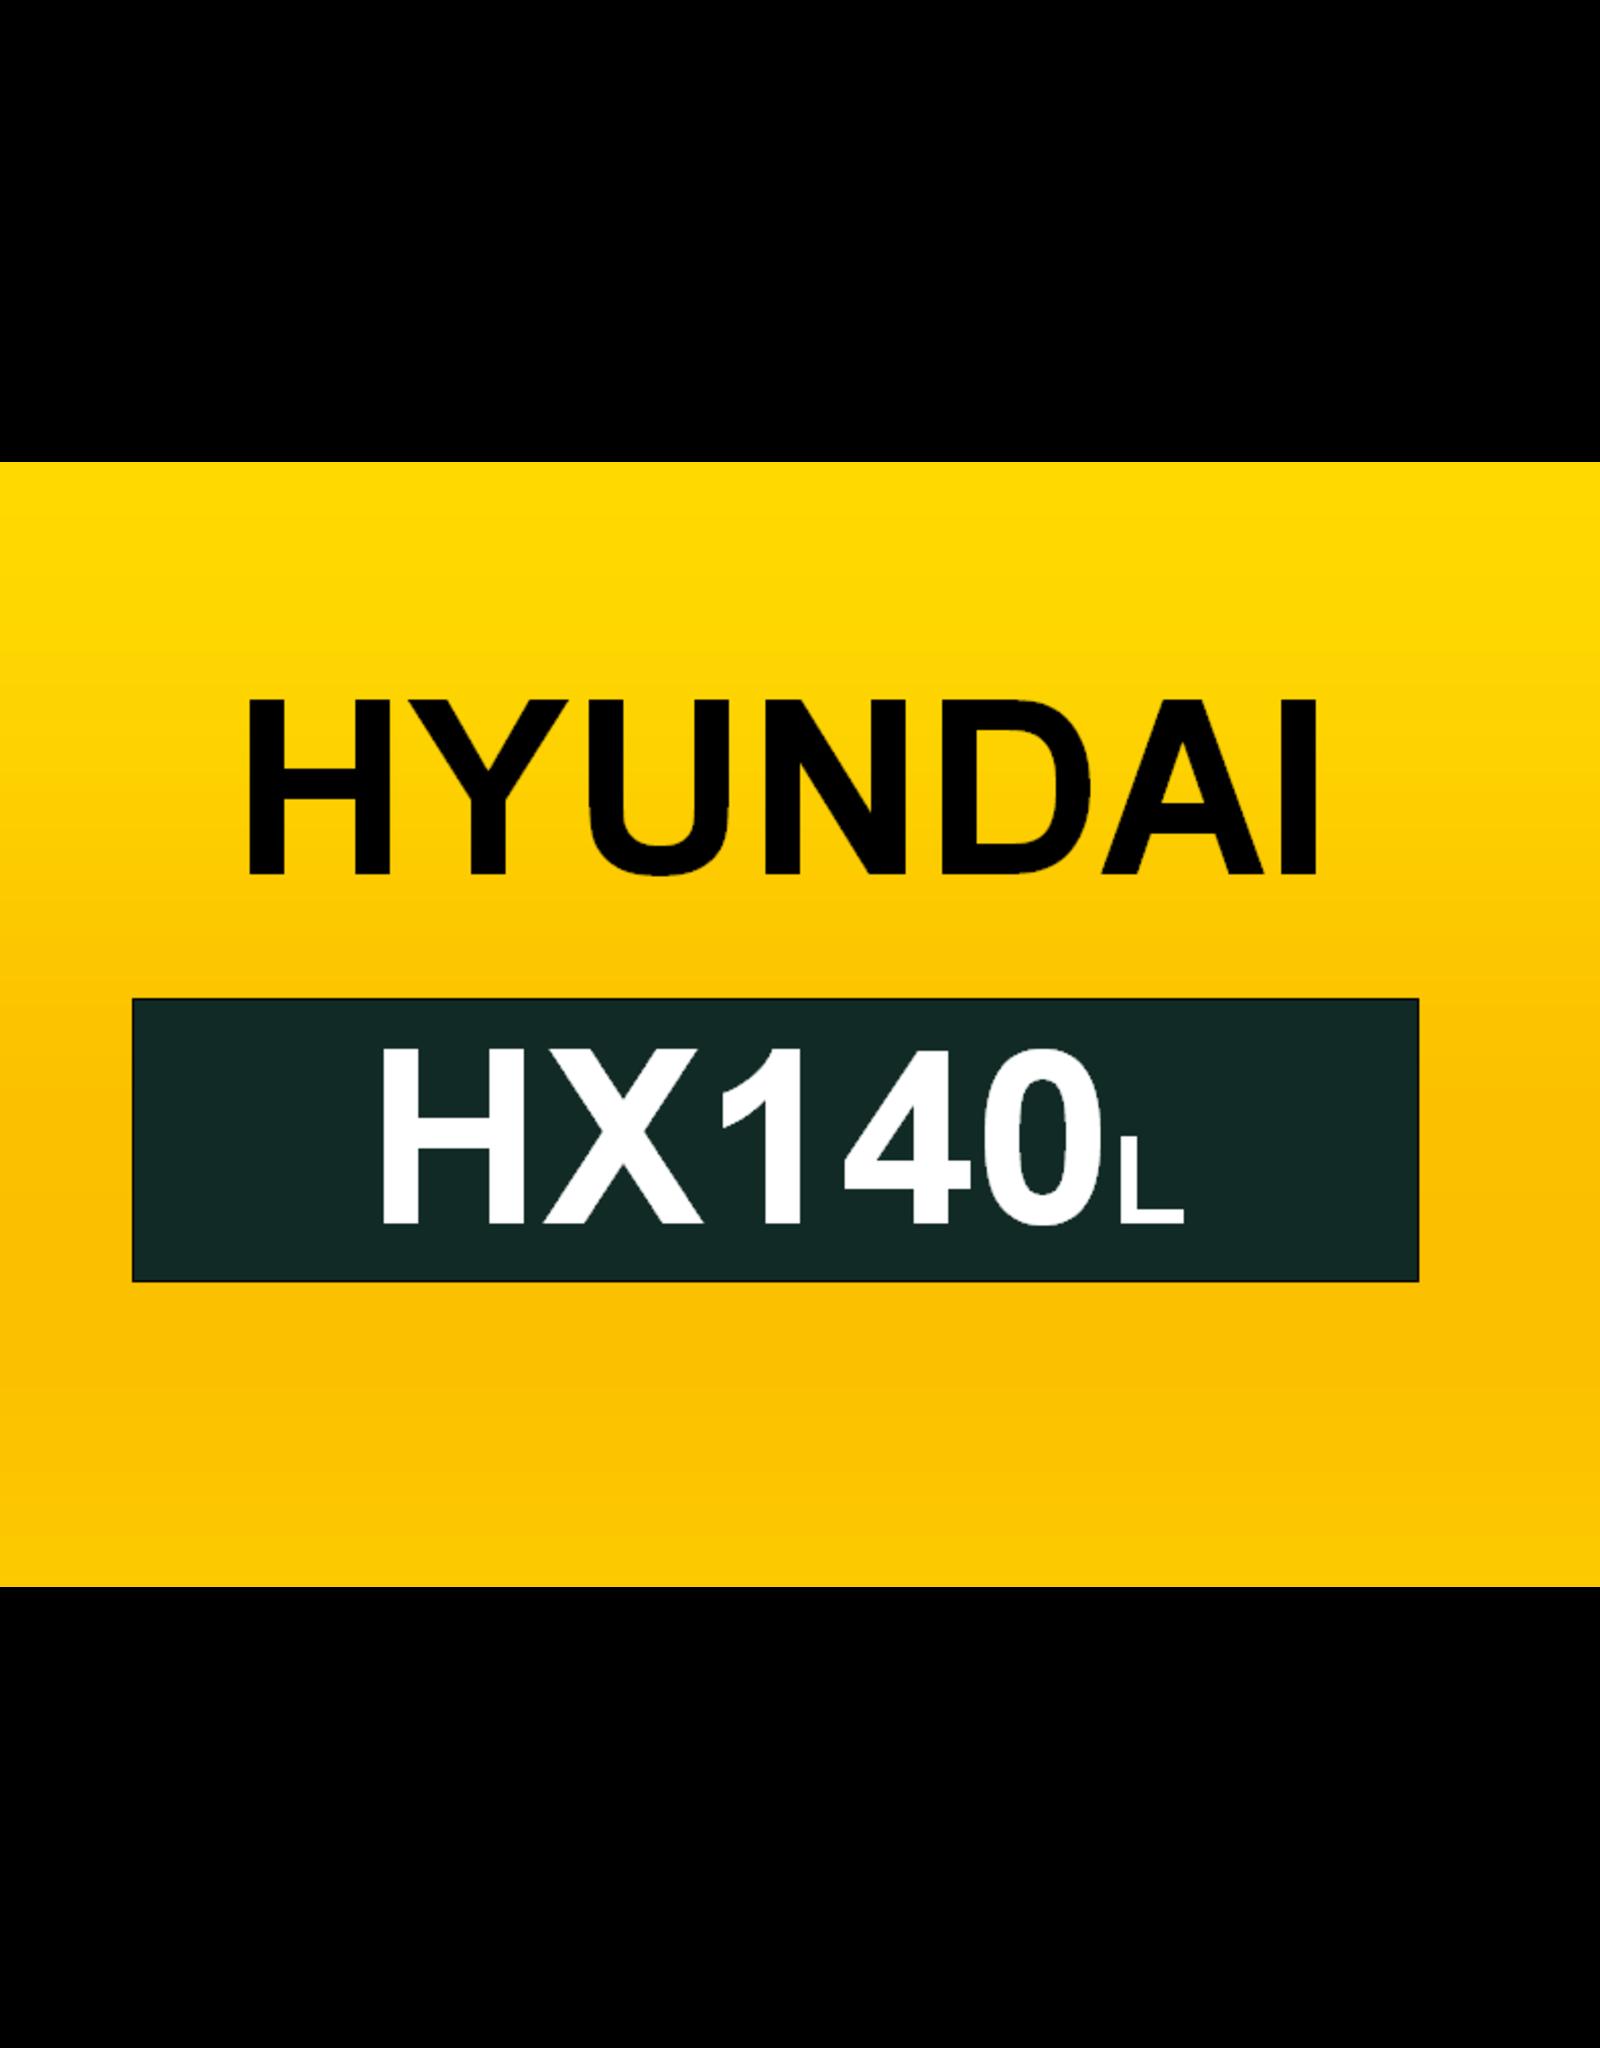 Echle Hartstahl GmbH FOPS für Hyundai HX140L